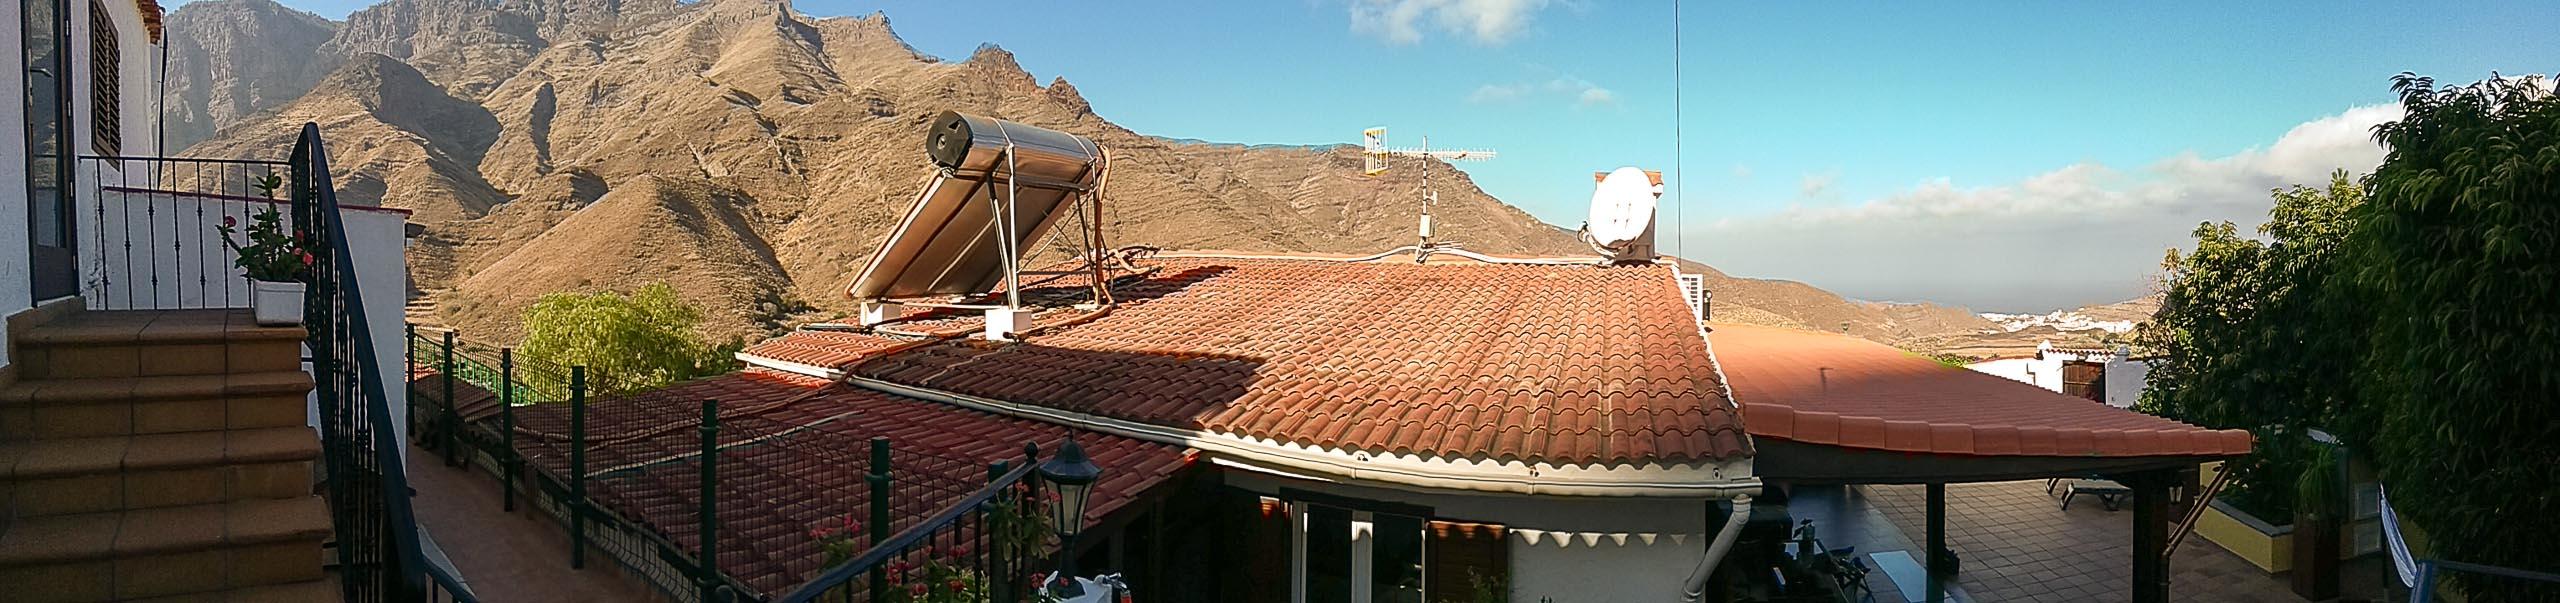 2017 09 GranCanaria PanoramaTablet 002